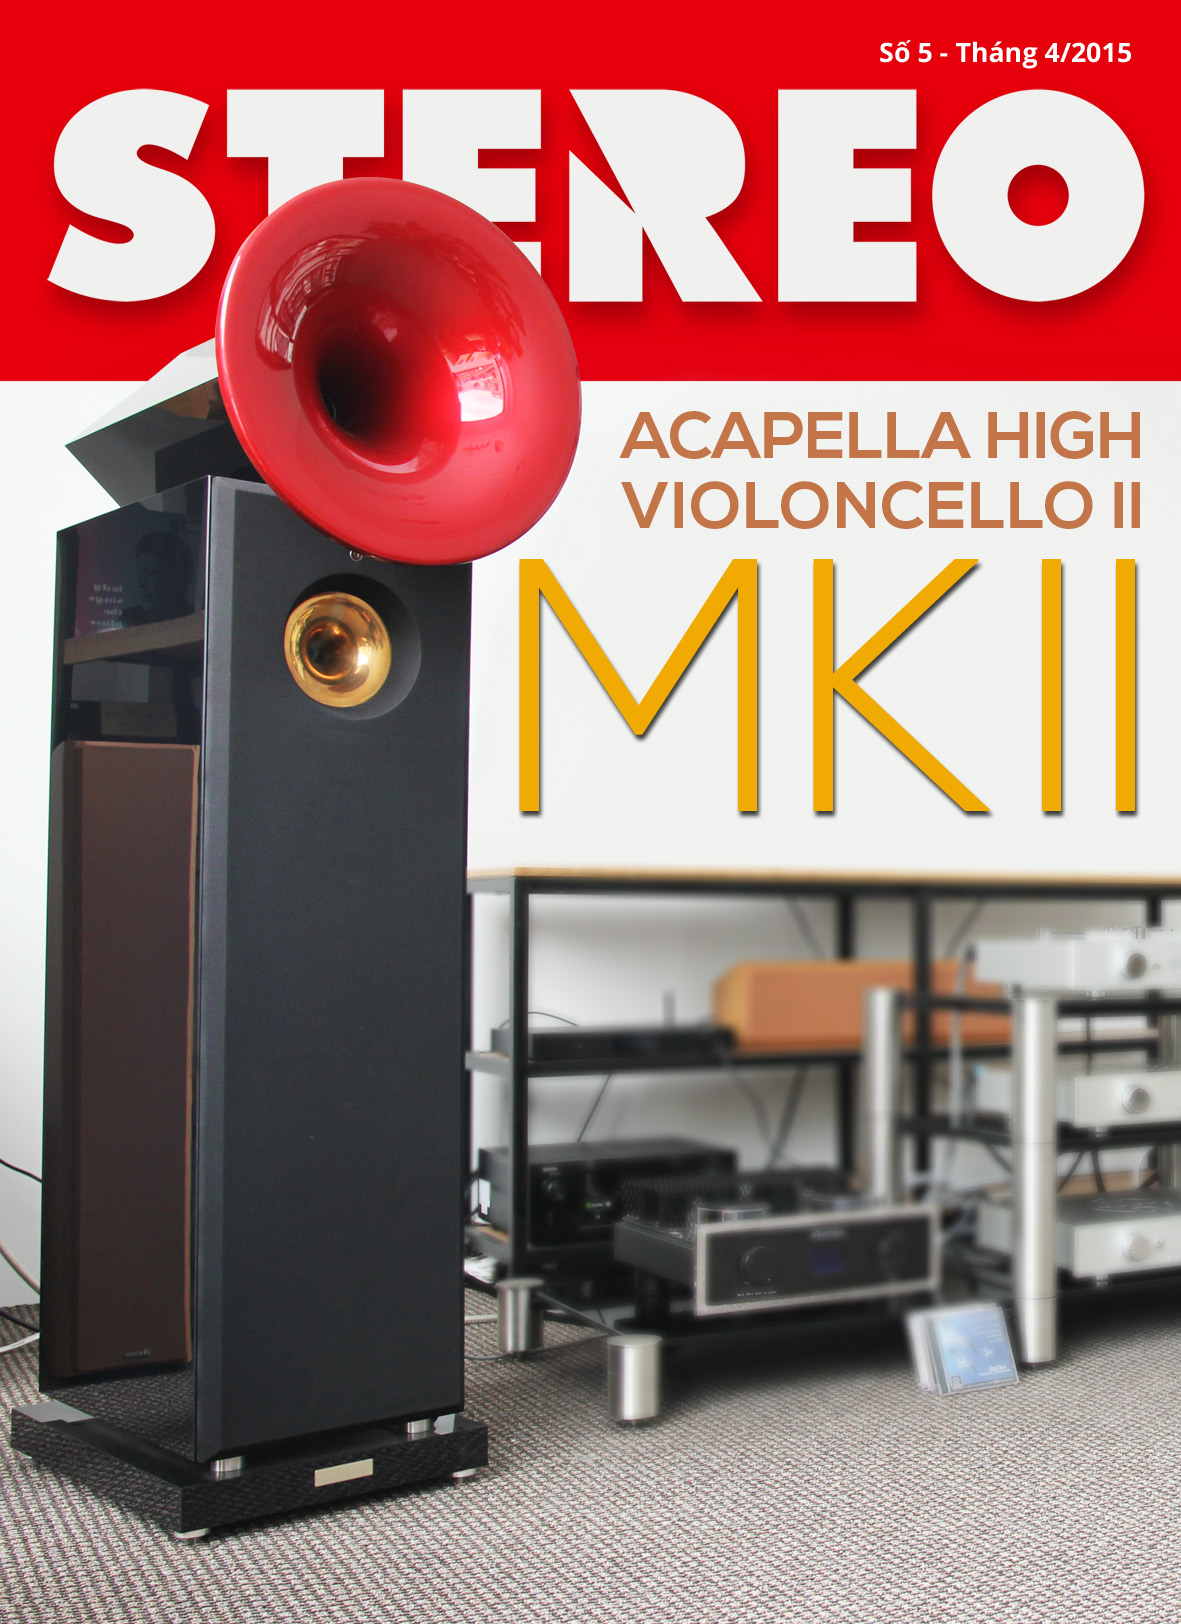 Tạp chí Stereo số 5: tháng 4/2015